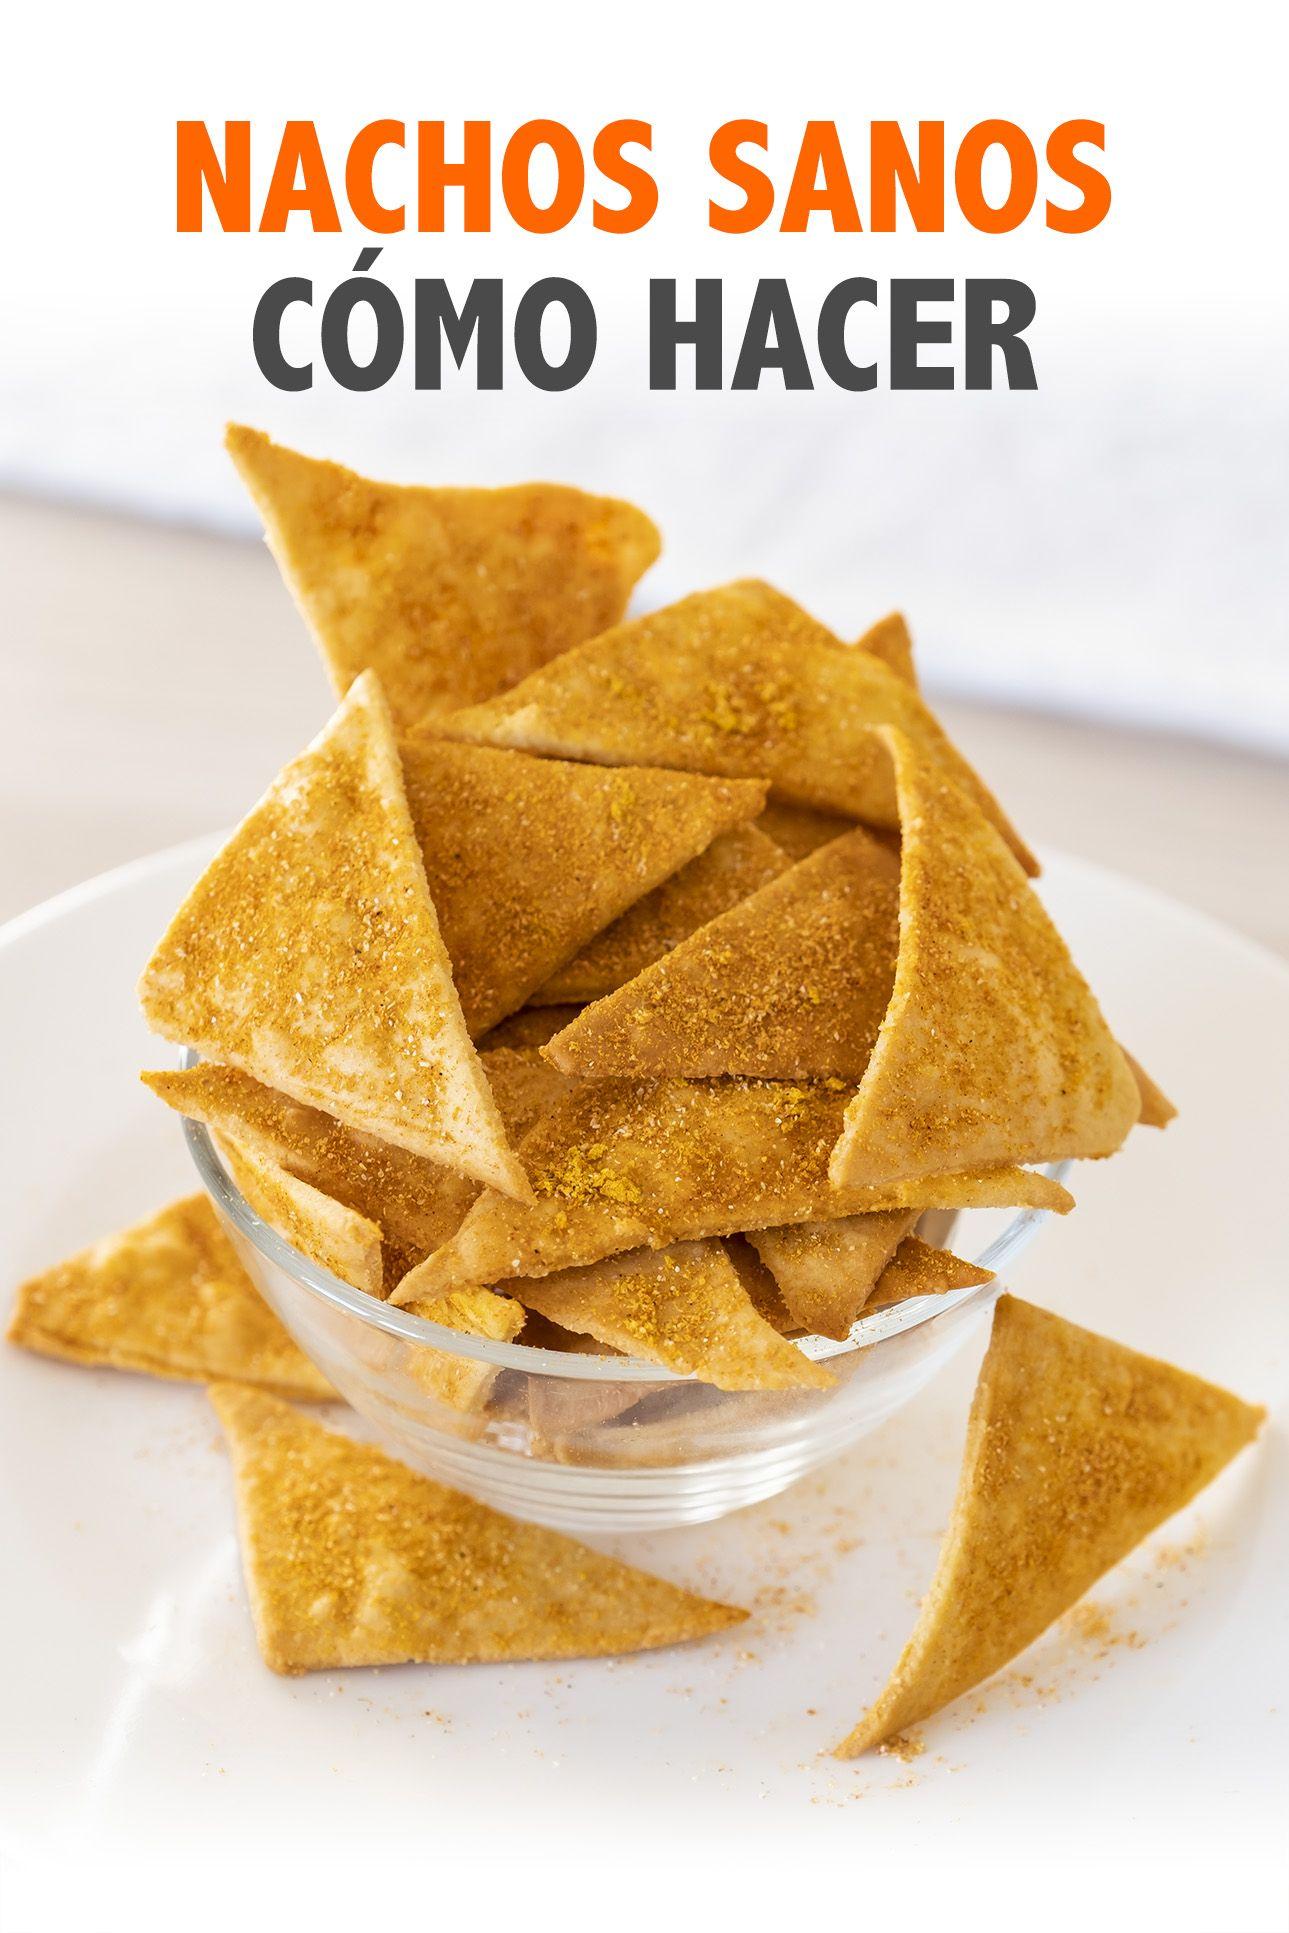 Nachos Sanos Fáciles Y Crujientes Nachos Caseros Receta Comida Vegana Recetas Receta De Nachos